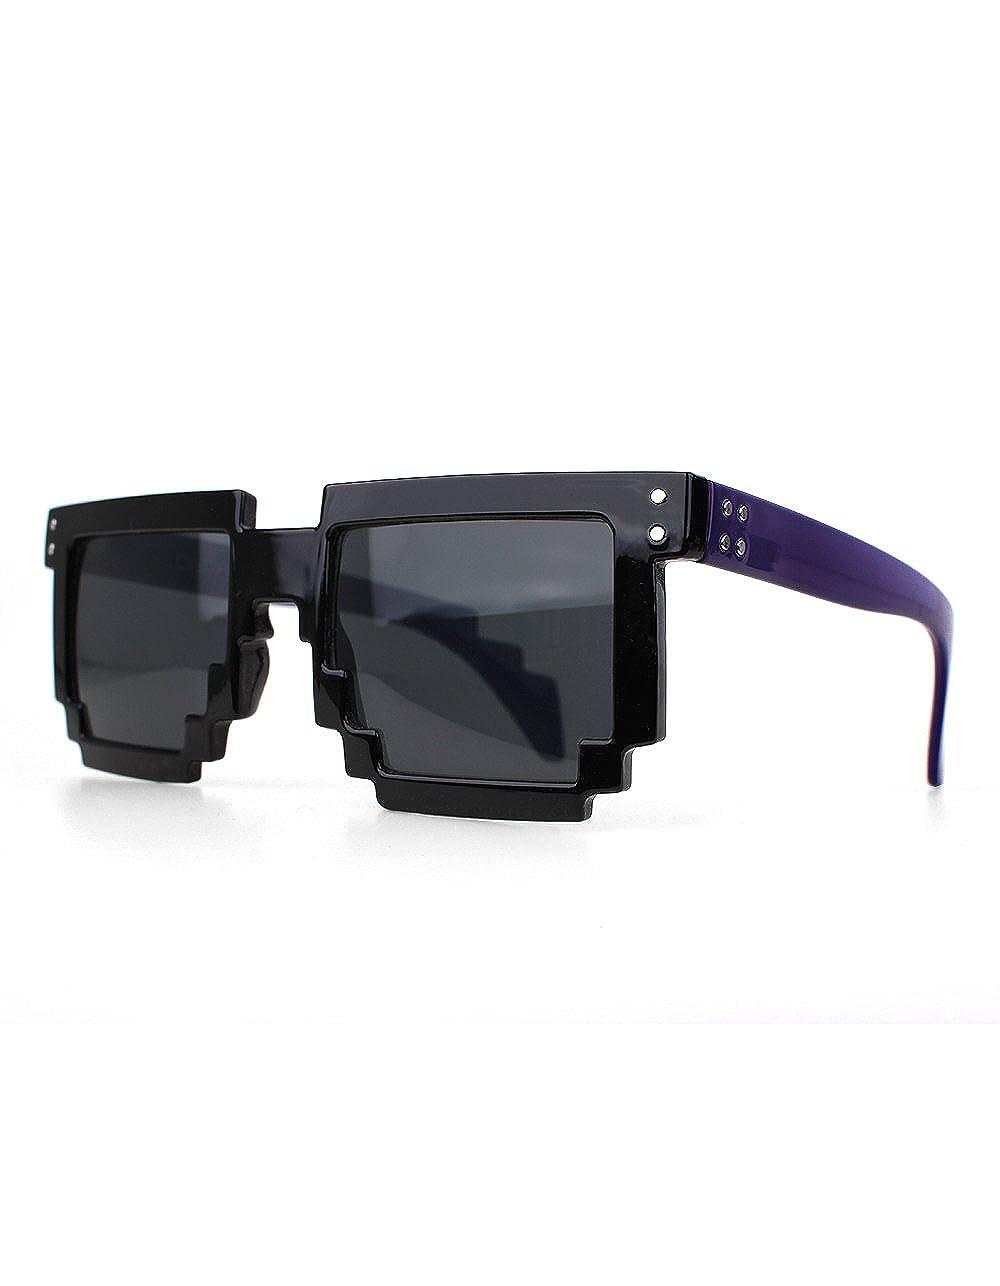 Distressed Gafas de sol pixeladas en estilo retro años 70 ...